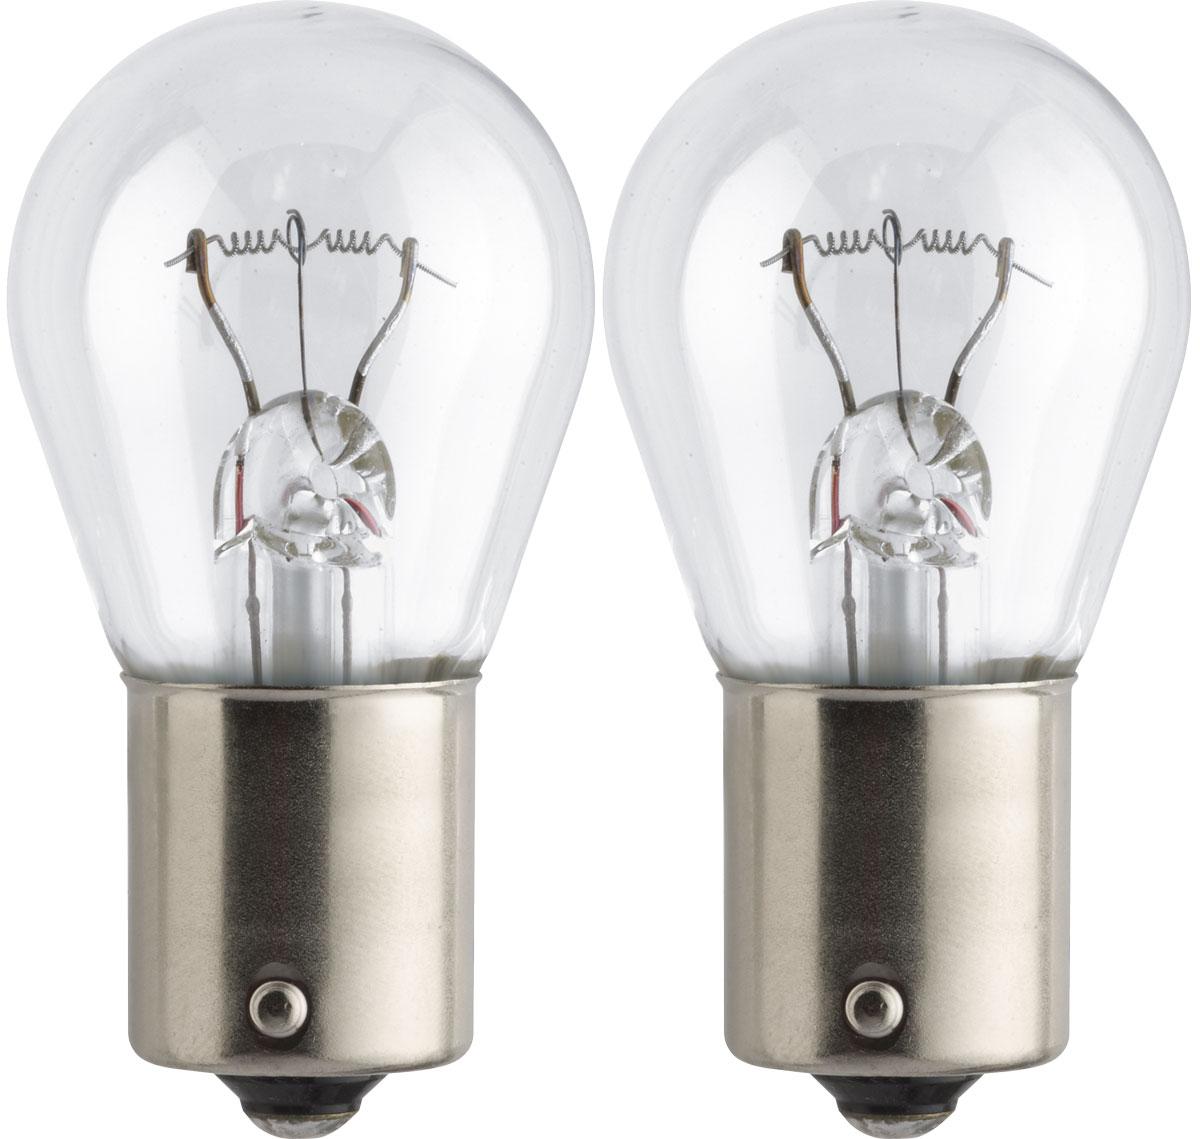 Лампа автомобильная галогенная Philips Standard, сигнальная, цоколь P21W (BA15s), 24V, 21W, 2 шт13498B2 (бл.2)Автомобильная галогенная лампа Philips Standard произведена из запатентованного кварцевого стекла с УФ-фильтром Philips Quartz Glass. Кварцевое стекло Philips с УФ фильтром в отличие от обычного твердого стекла выдерживает гораздо большее давление смеси газов внутри колбы, что препятствует быстрому испарению вольфрама с нити накаливания. Кварцевое стекло выдерживает большой перепад температур, при попадании влаги на работающую лампу изделие не взрывается и продолжает работать. Автомобильная лампа Philips Standard с напряжением питания 24 В предназначена для автобусов и грузовиков, она создает максимальную безопасность и комфорт при вождении, а также отличается экономичностью, непревзойденным сроком службы и повышенной устойчивостью к вибрациям. Такие лампы являются отличным световым решением, соответствуют стандартам качества для оригинального оборудования и обеспечивают максимальную производительность и минимальное время простоя. Автомобильные галогенные лампы Philips удовлетворят все нужды автомобилистов: дальний свет, ближний свет, передние противотуманные фары, передние и боковые указатели поворота, задние указатели поворота, стоп-сигналы, фонари заднего хода, задние противотуманные фонари, освещение номерного знака, задние габаритные/стояночные фонари, освещение салона.